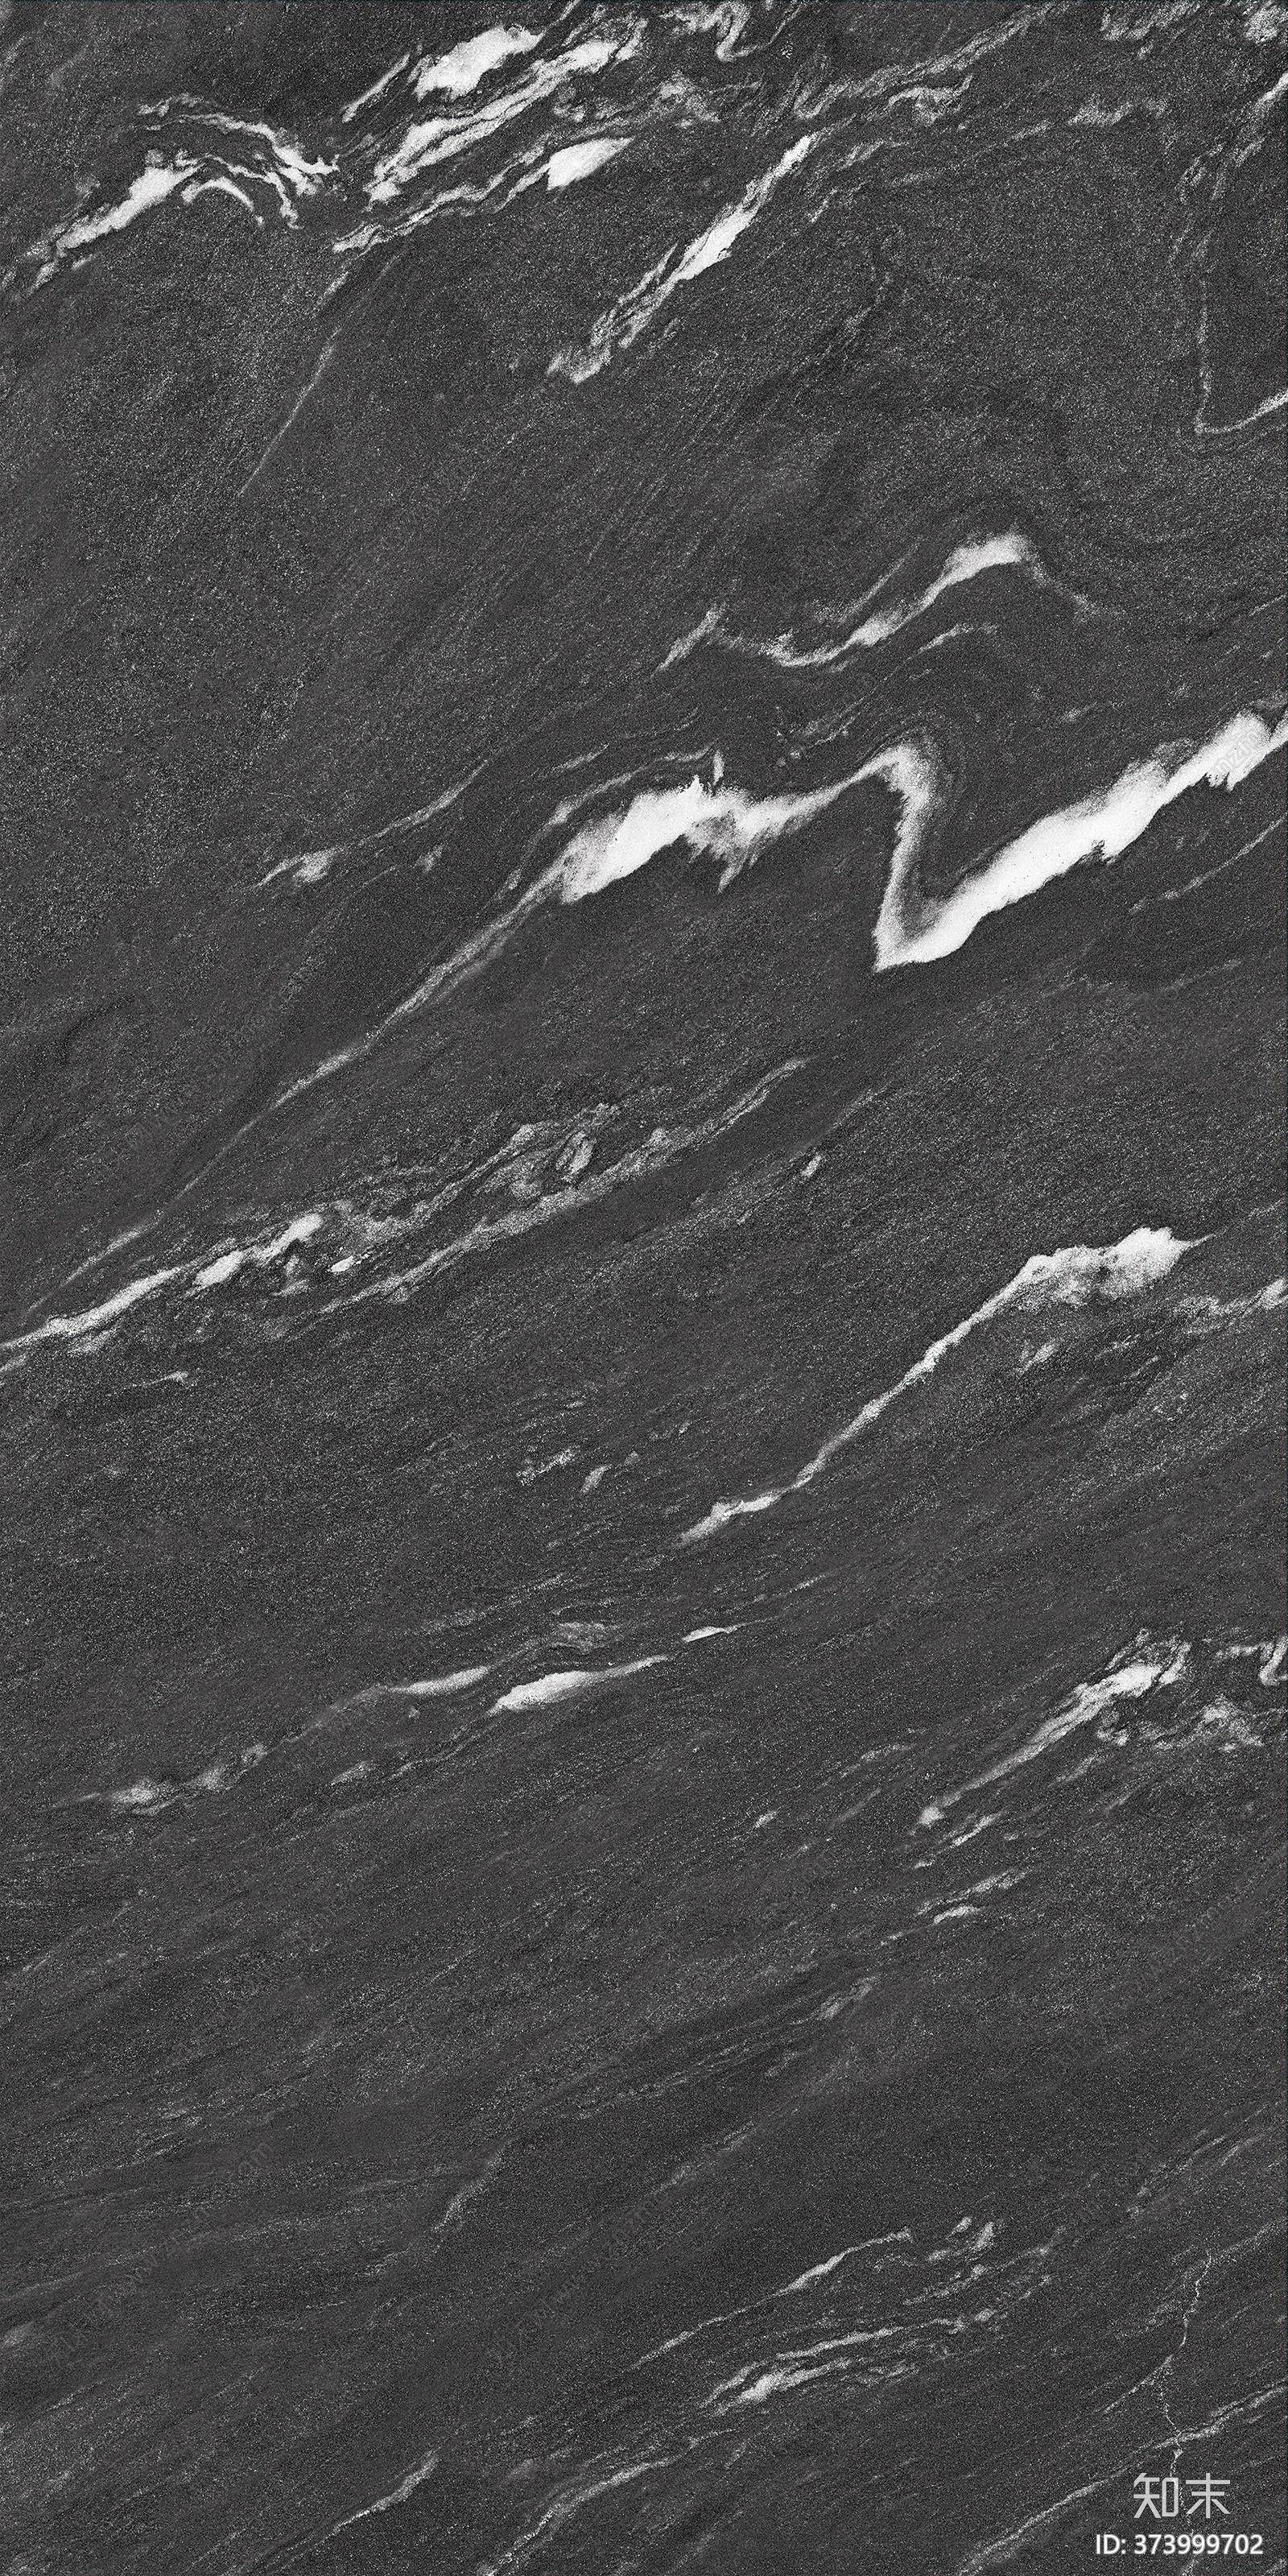 黑色大理石贴图贴图下载【ID:373999702】